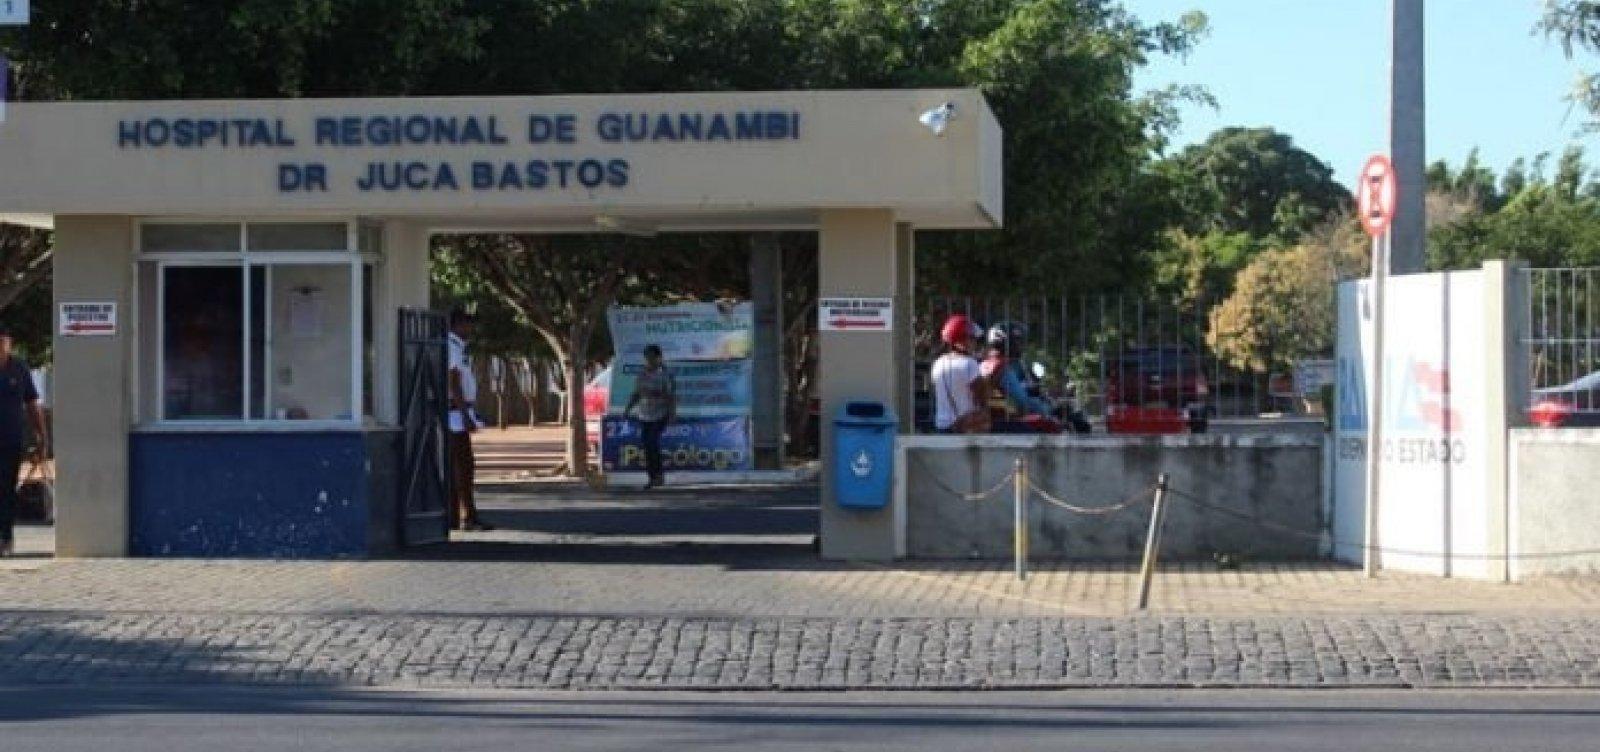 [MP ajuíza ação contra ex-diretor do Hospital Regional de Guanambi por improbidade]